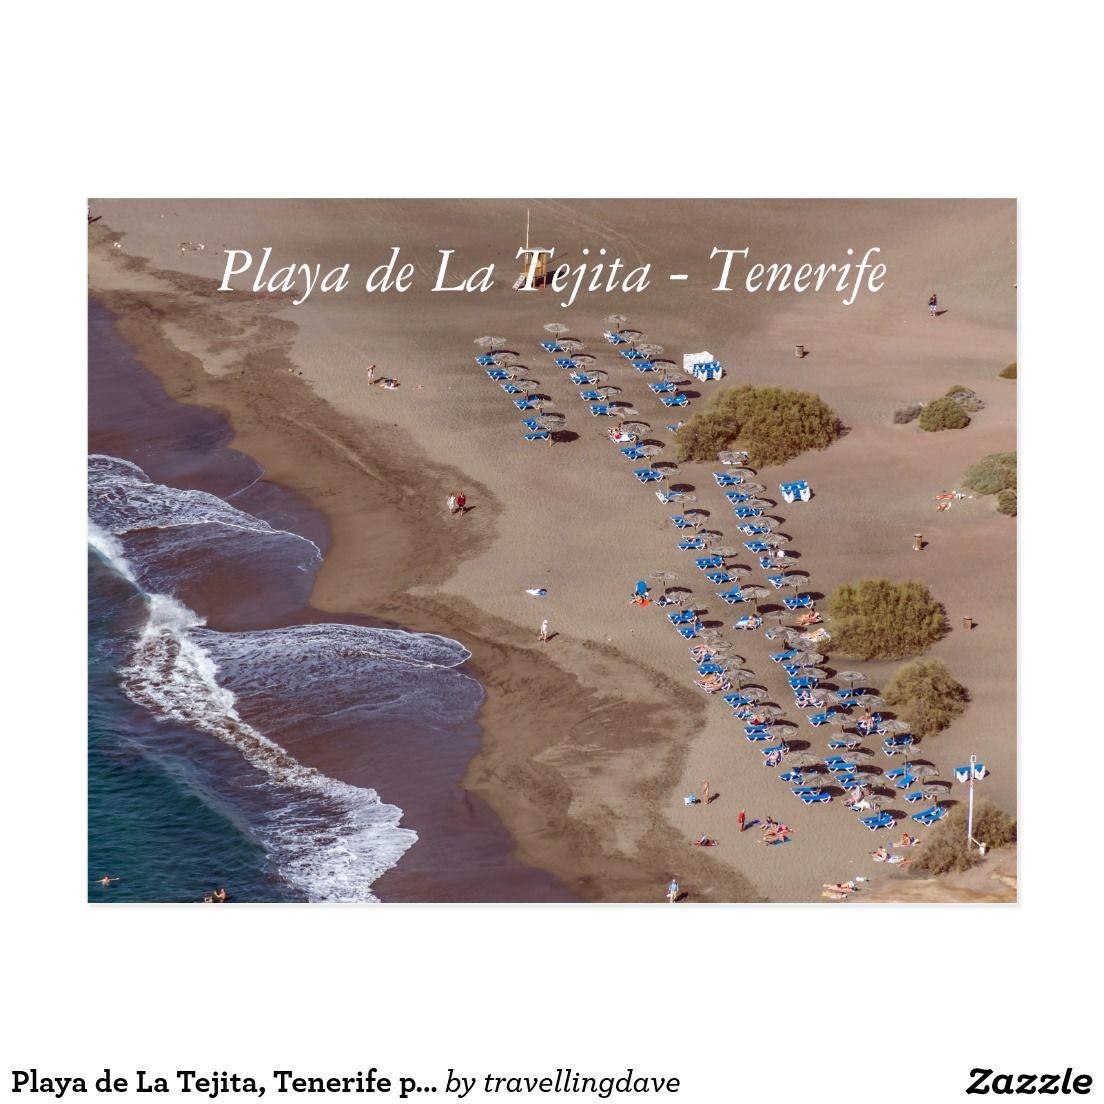 Playa de La Tejita, Tenerife postcard